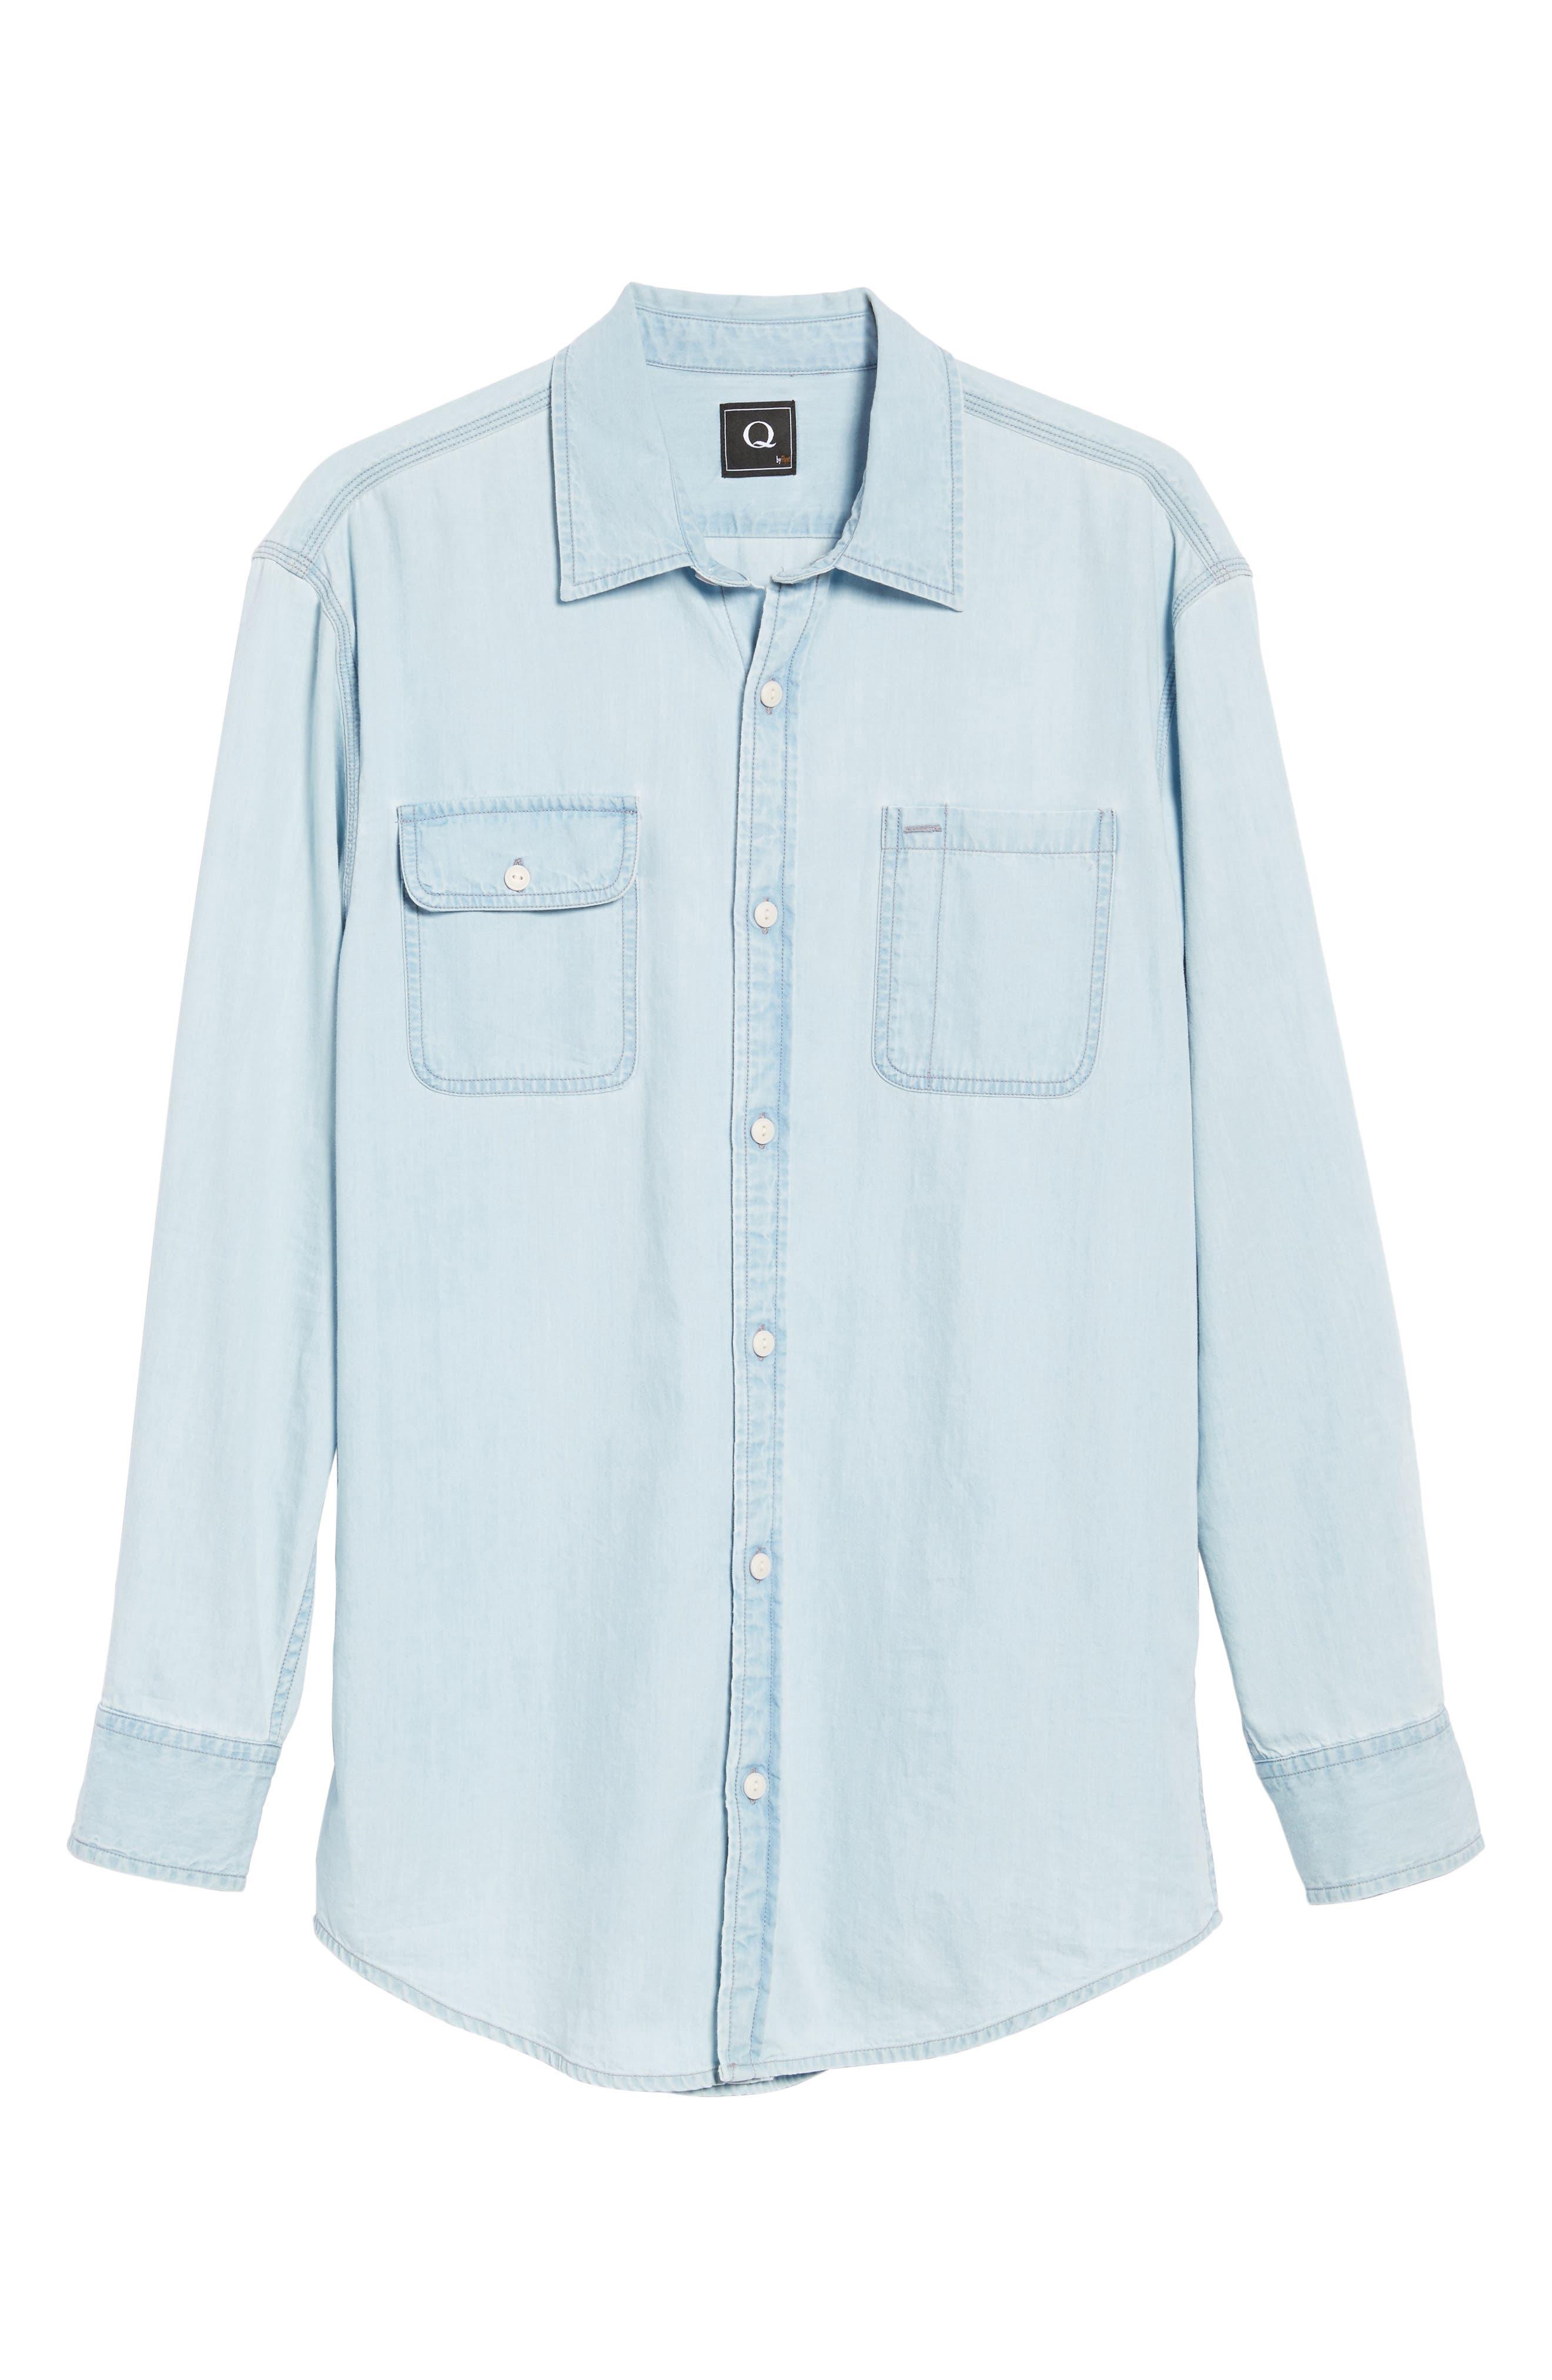 Regular Denim Sport Shirt,                             Alternate thumbnail 6, color,                             Light Blue